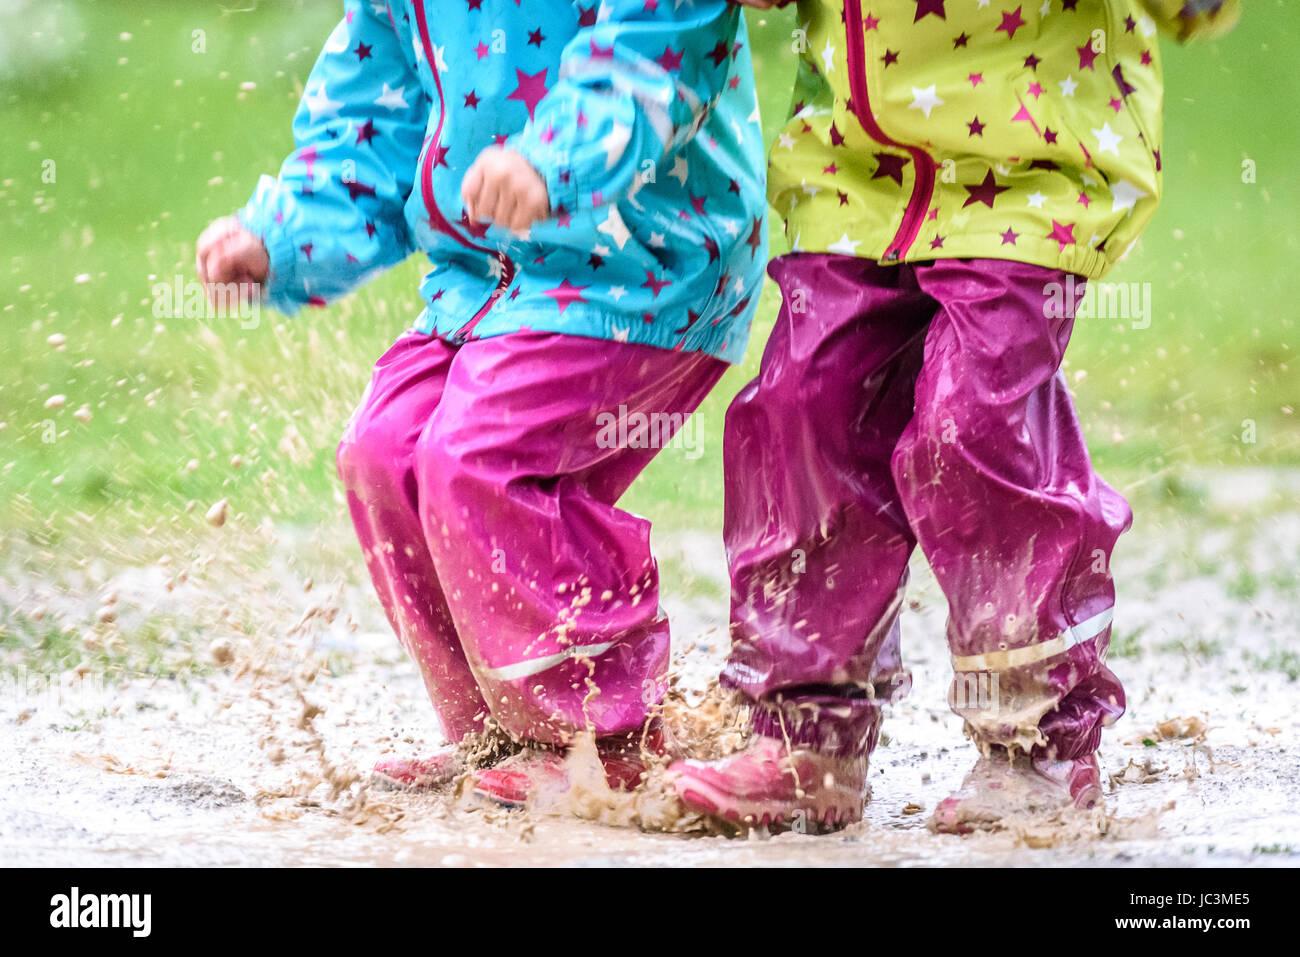 In Pfütze Und Kinder Gummistiefeln Regenkleidung Springen XOkiuTZP